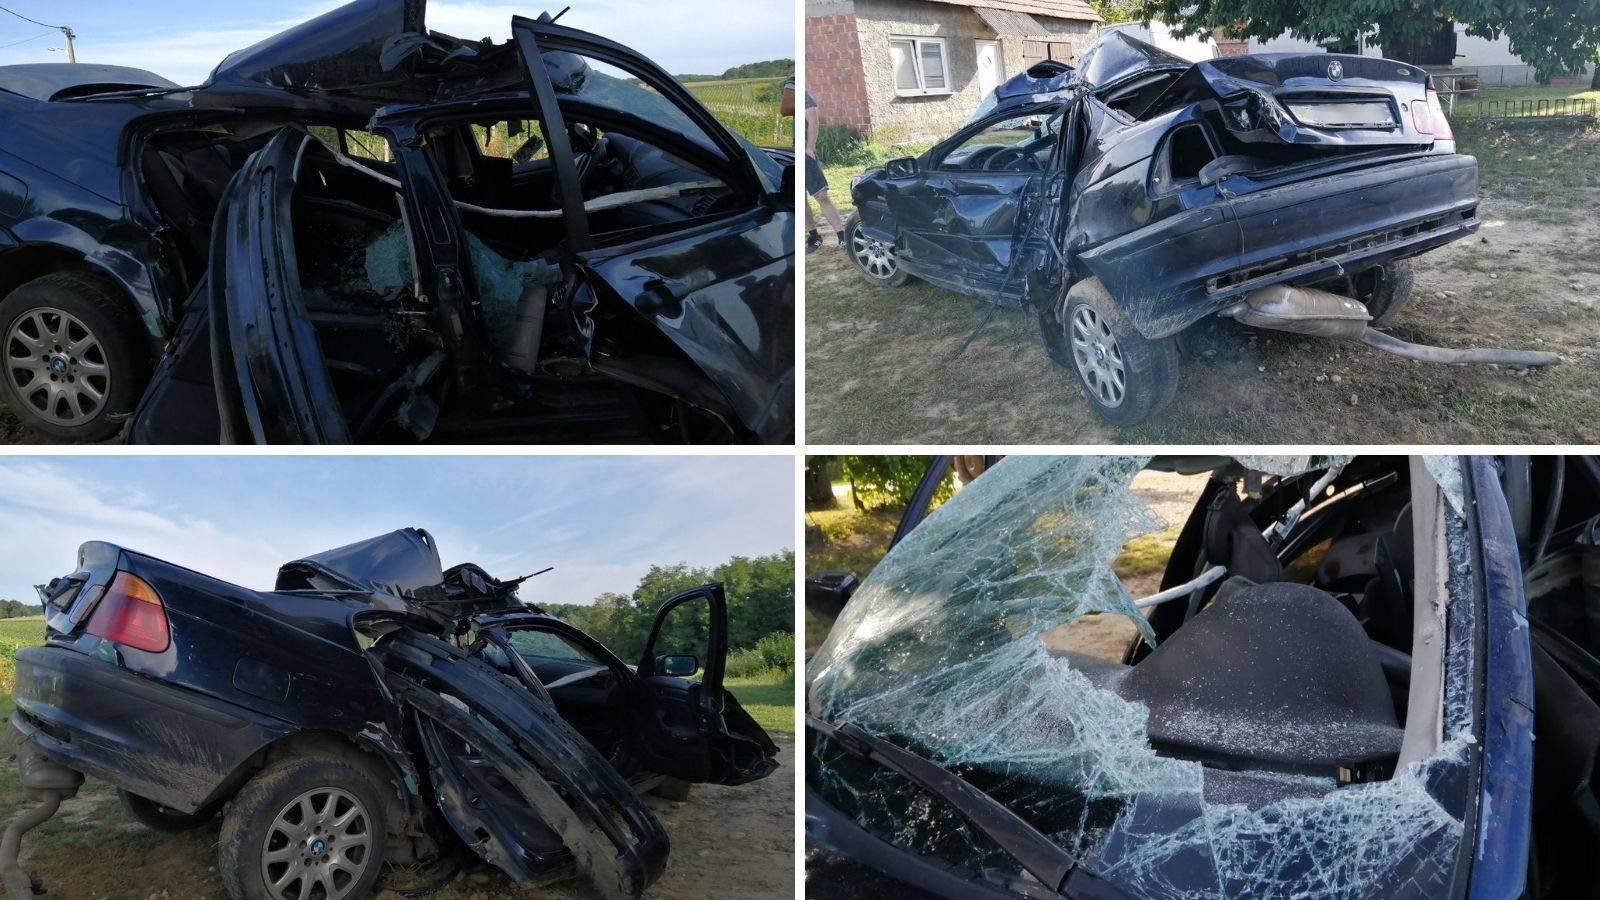 Stravične scene: BMW gotovo prepolovljen, mladić u bolnici